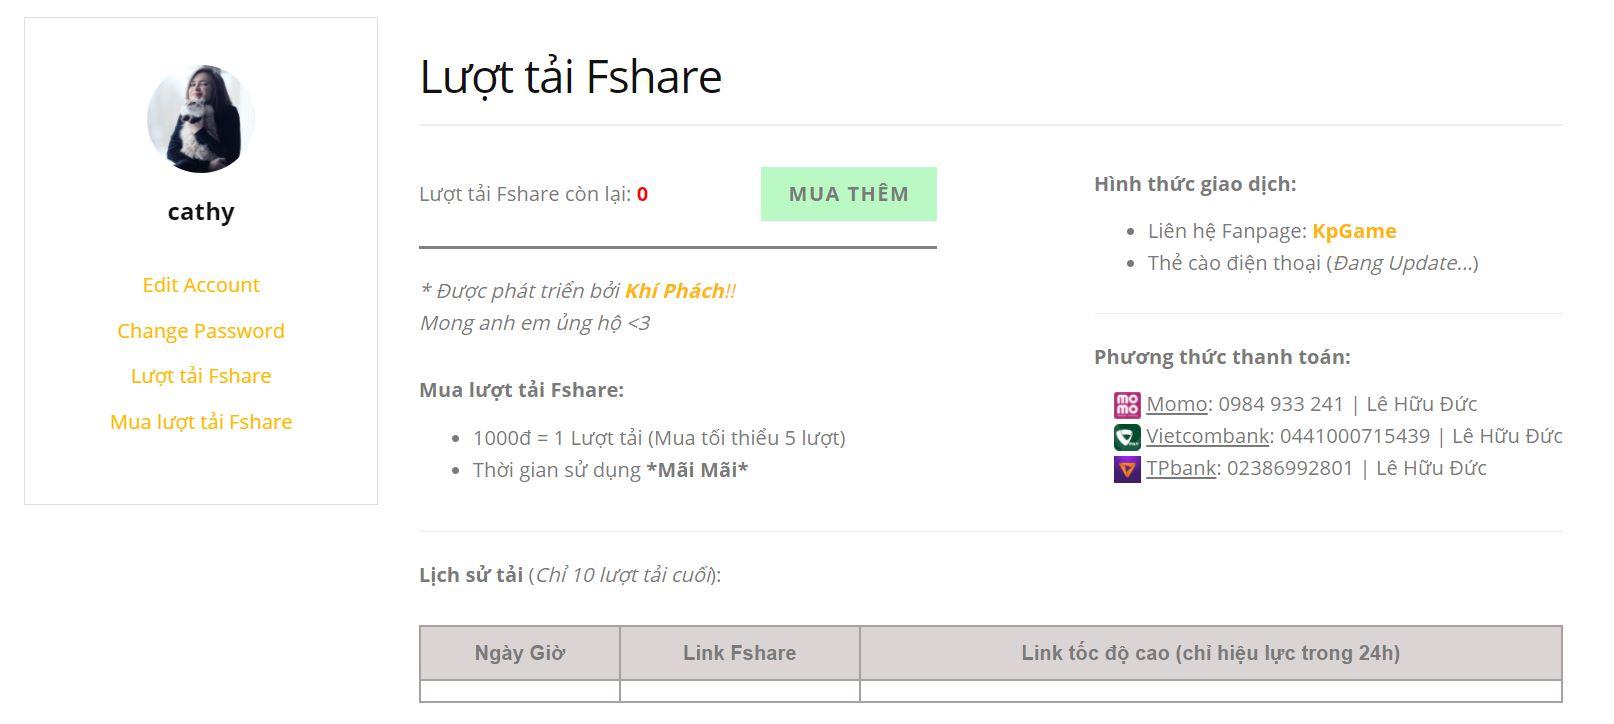 Lượt tải Fshare ở Kpgame